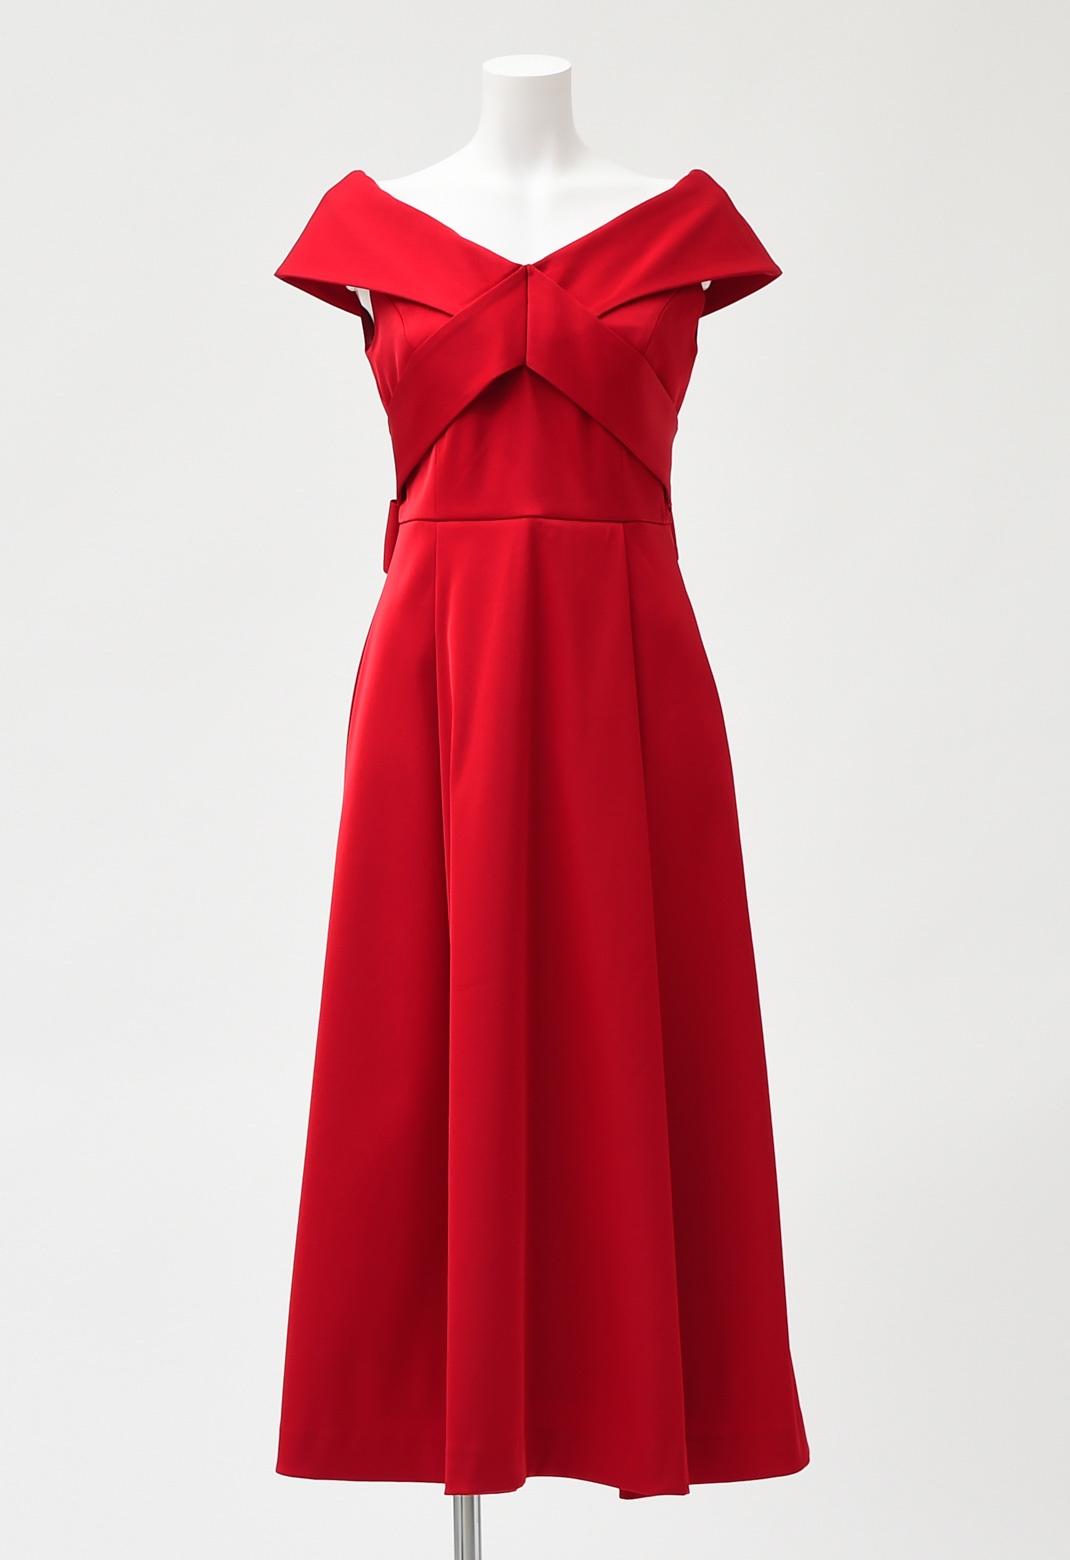 オフショルダー ロング ドレス